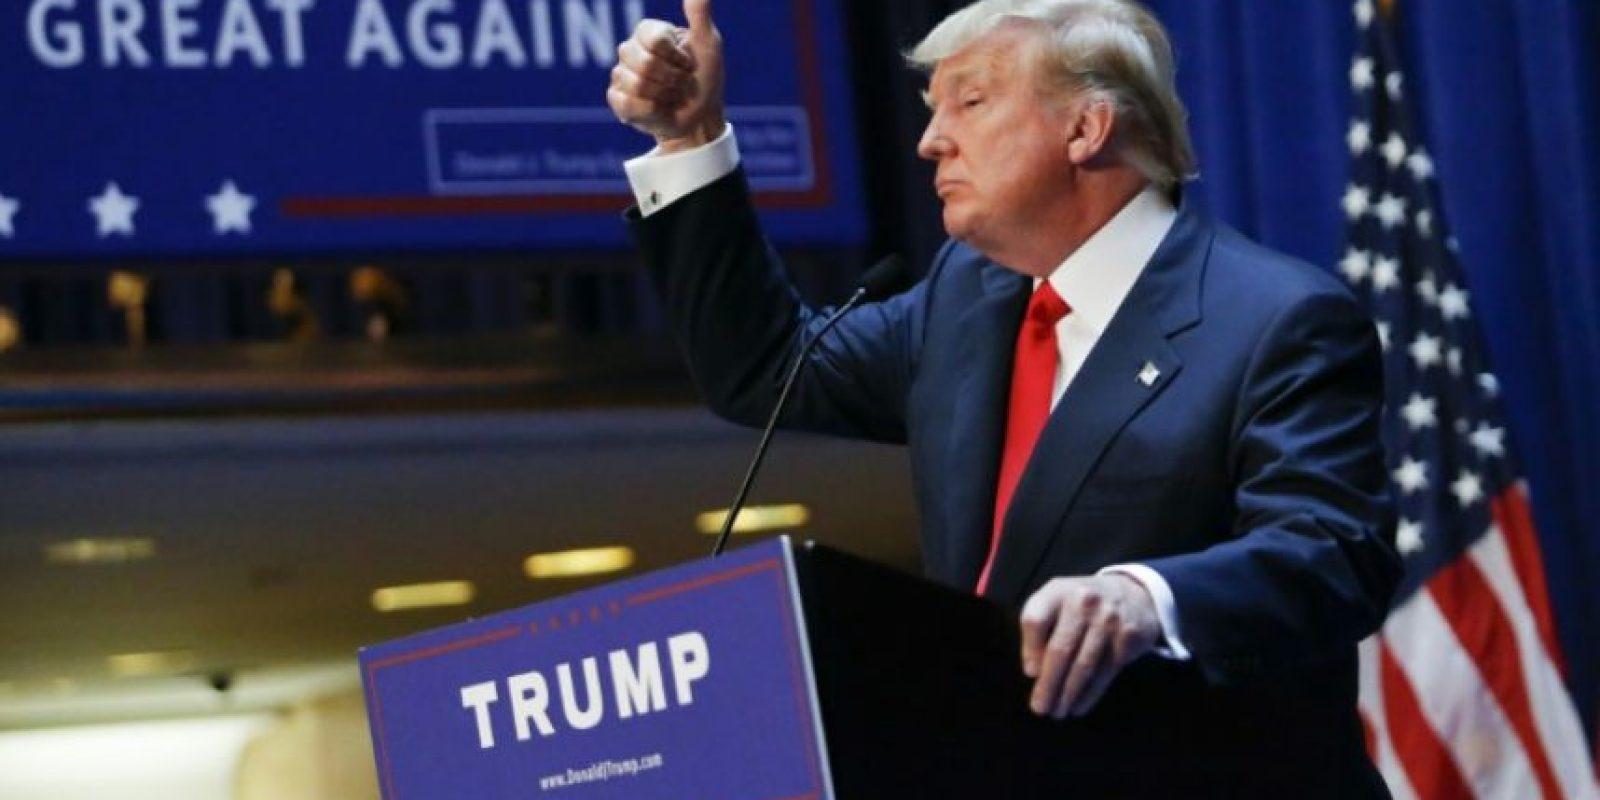 El magnate Donald Trump anuncia su candidatura a la presidencia de EEUU el 16 de junio de 2015 en Nueva York Foto:Kena Betancur/afp.com